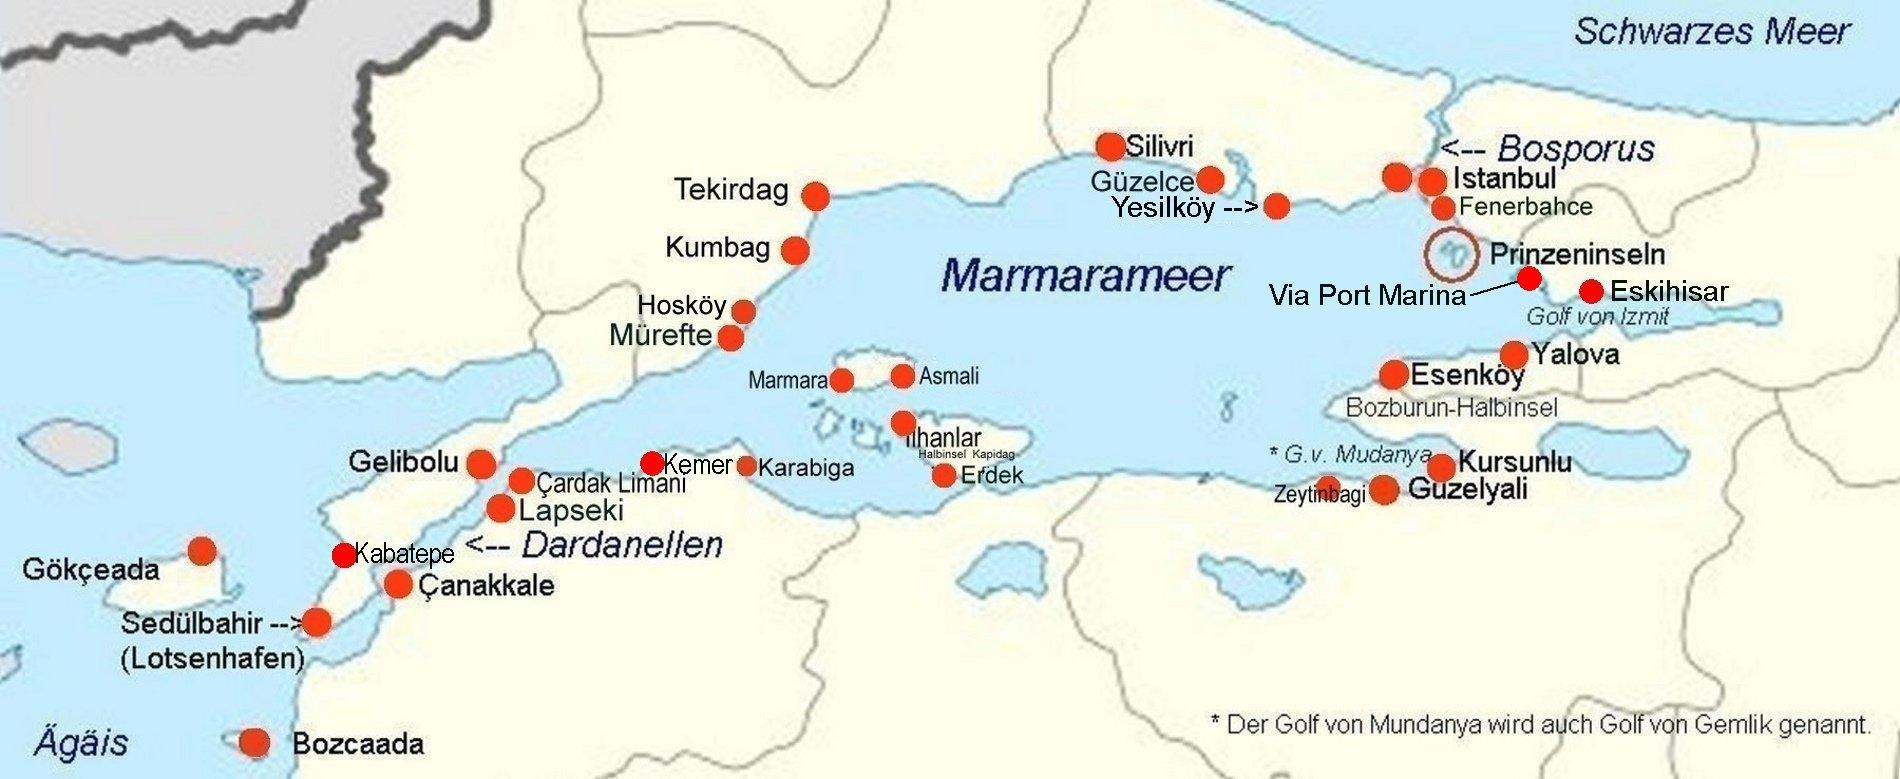 Mittelmeer Karte Inseln.Online Hafenhandbuch Turkei Marmarameers Und Der Hafen